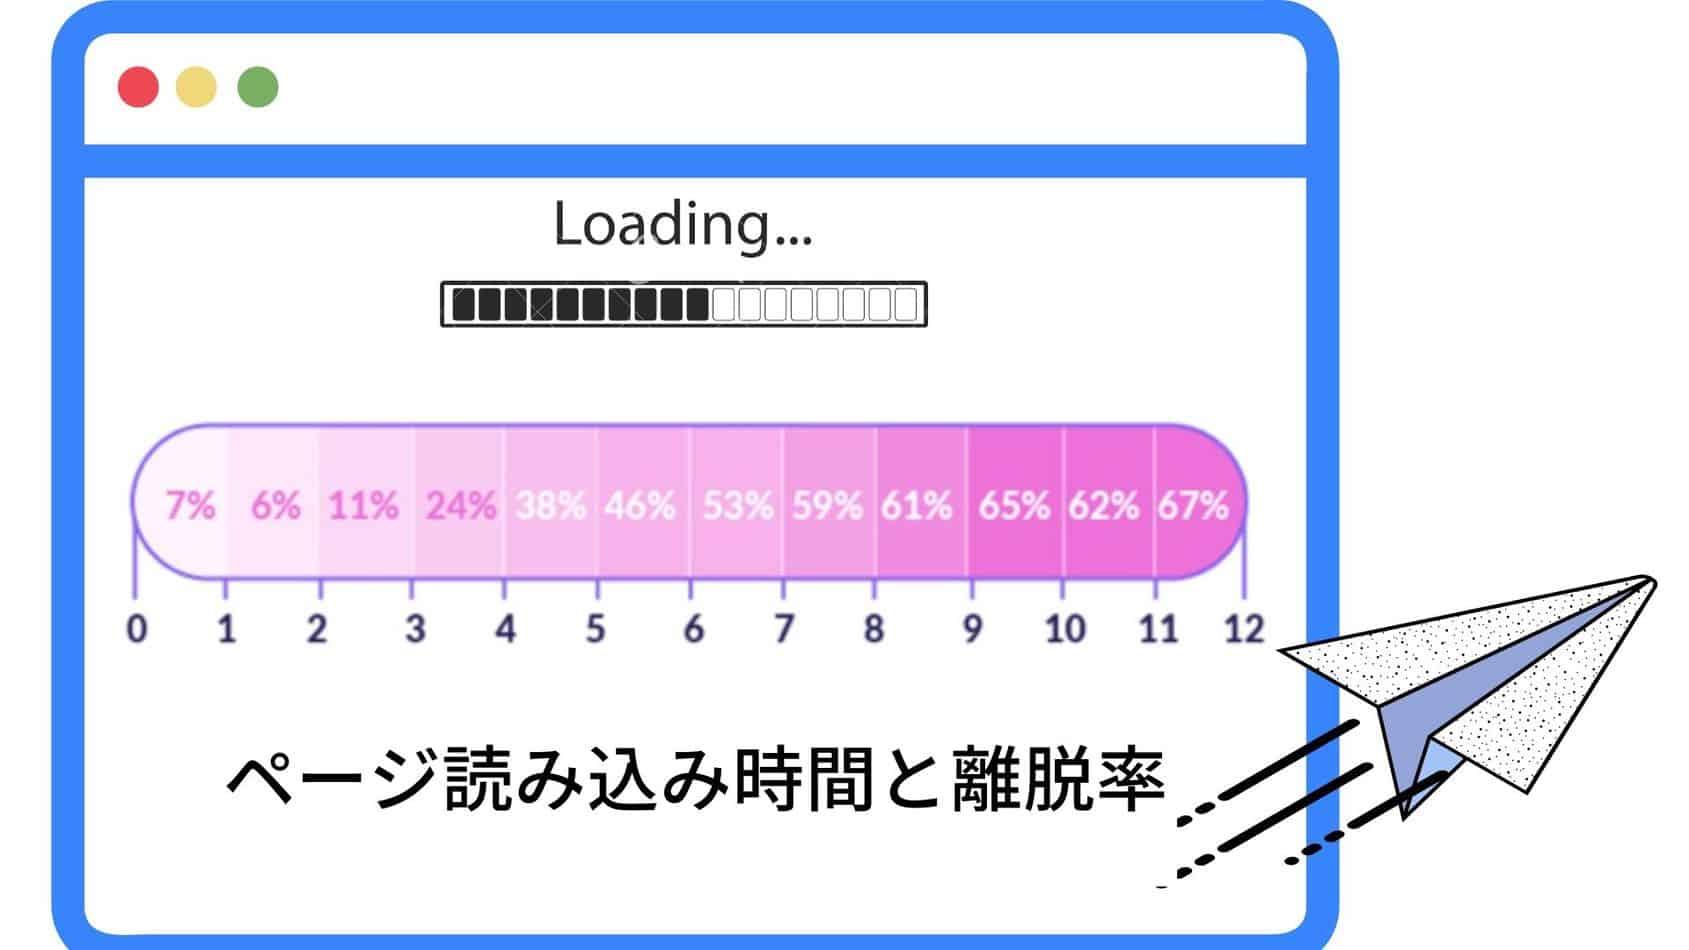 ページ読み込み時間と離脱率の関係